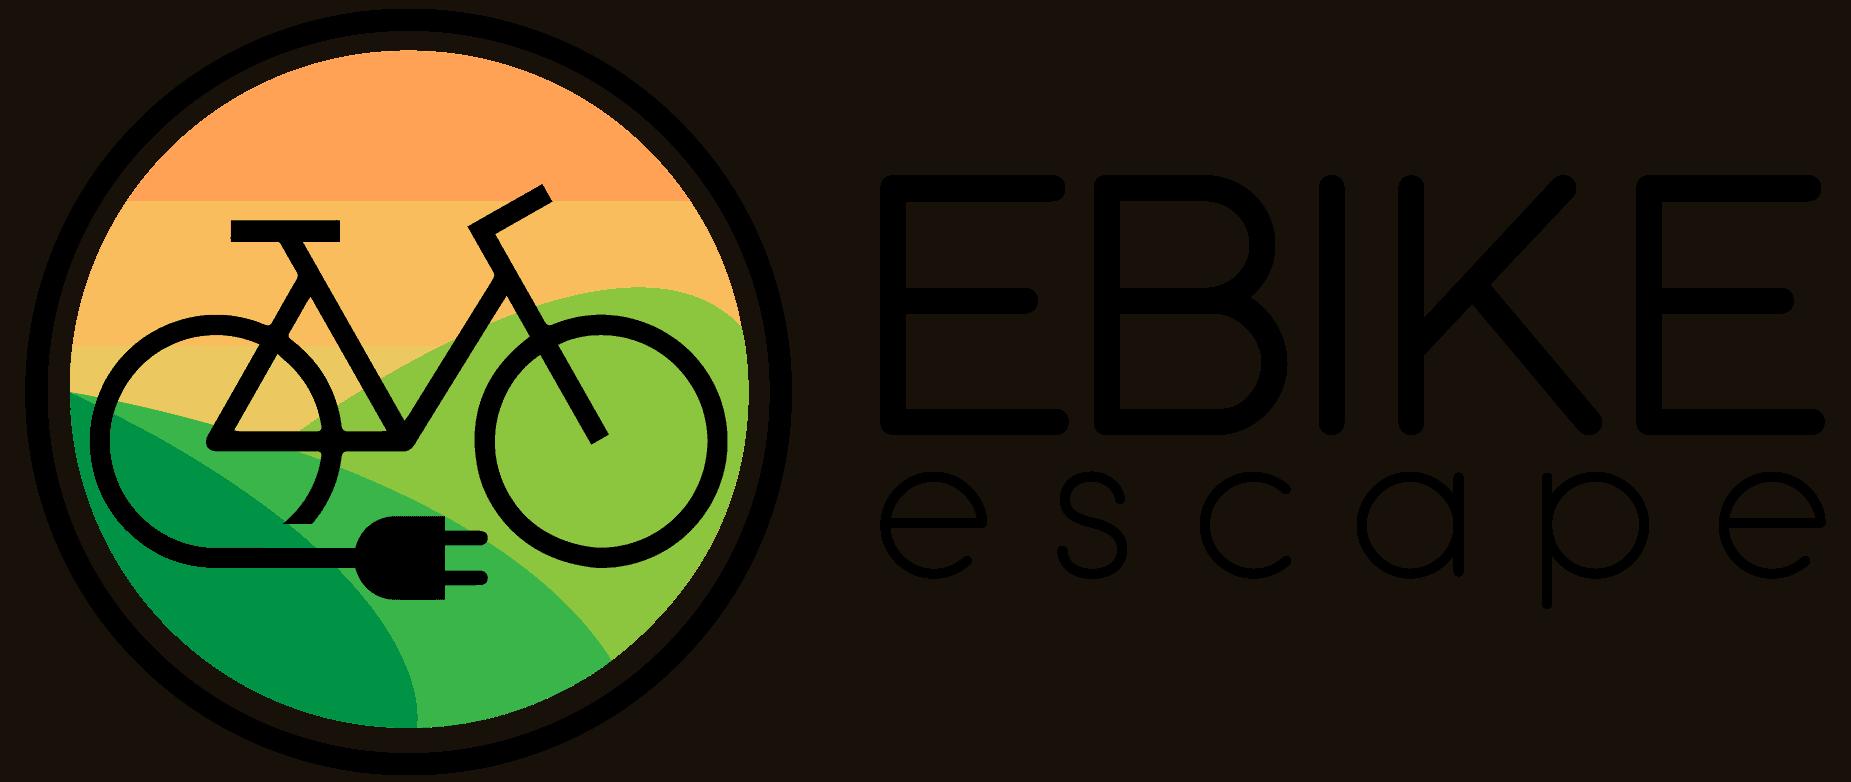 Ebike Escape